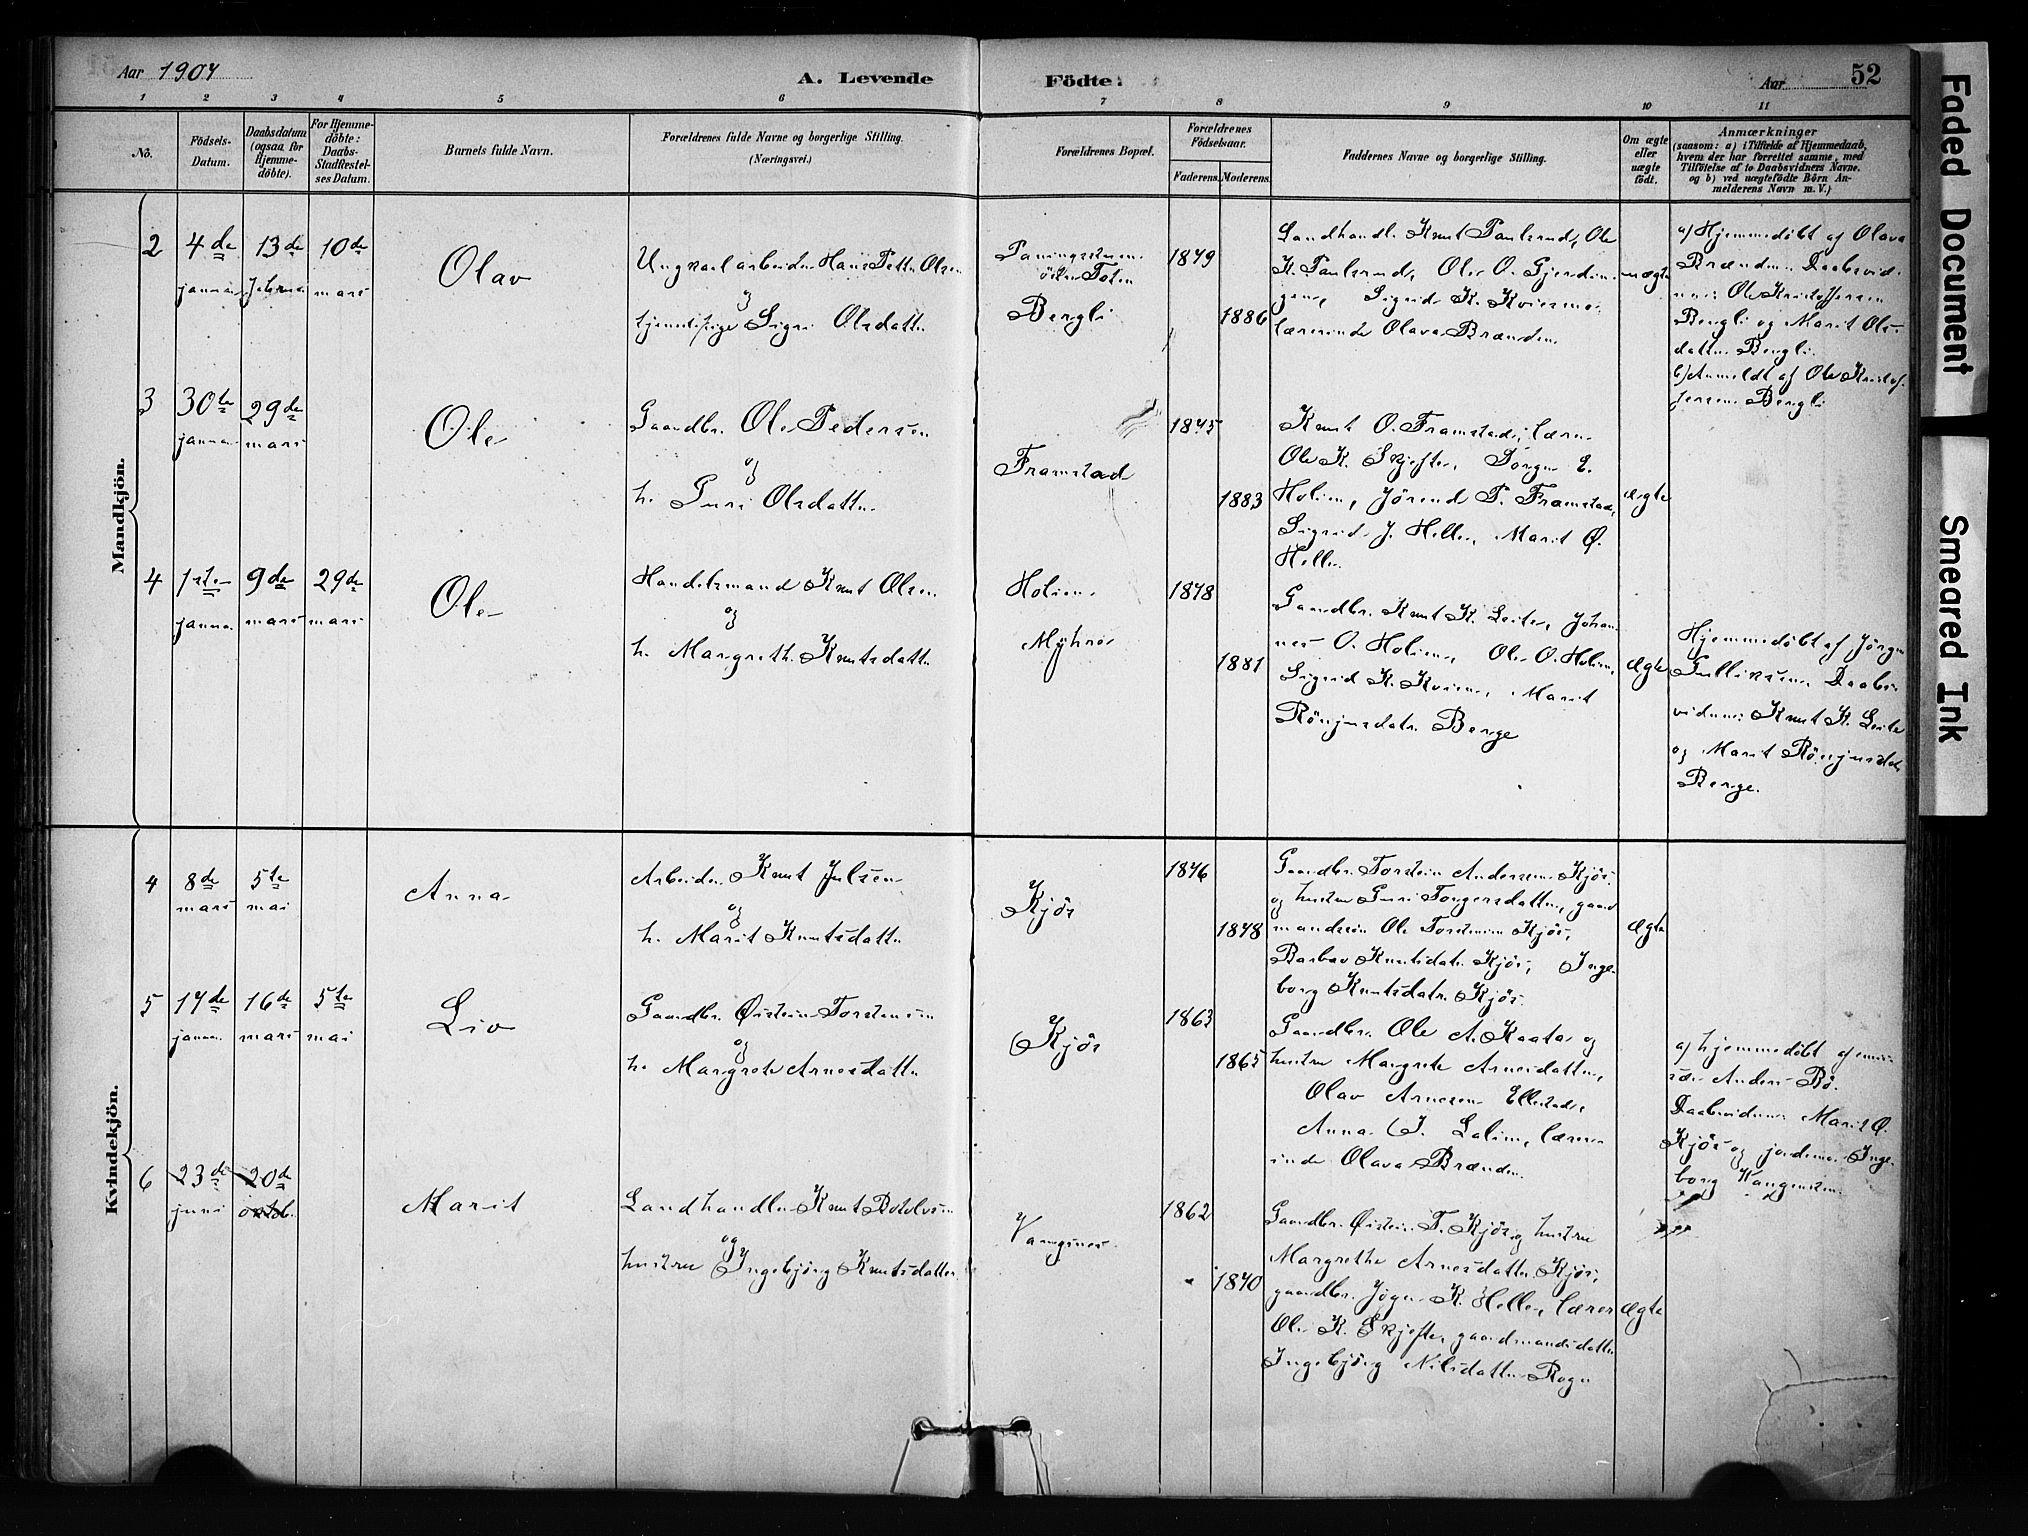 SAH, Vang prestekontor, Valdres, Ministerialbok nr. 9, 1882-1914, s. 52